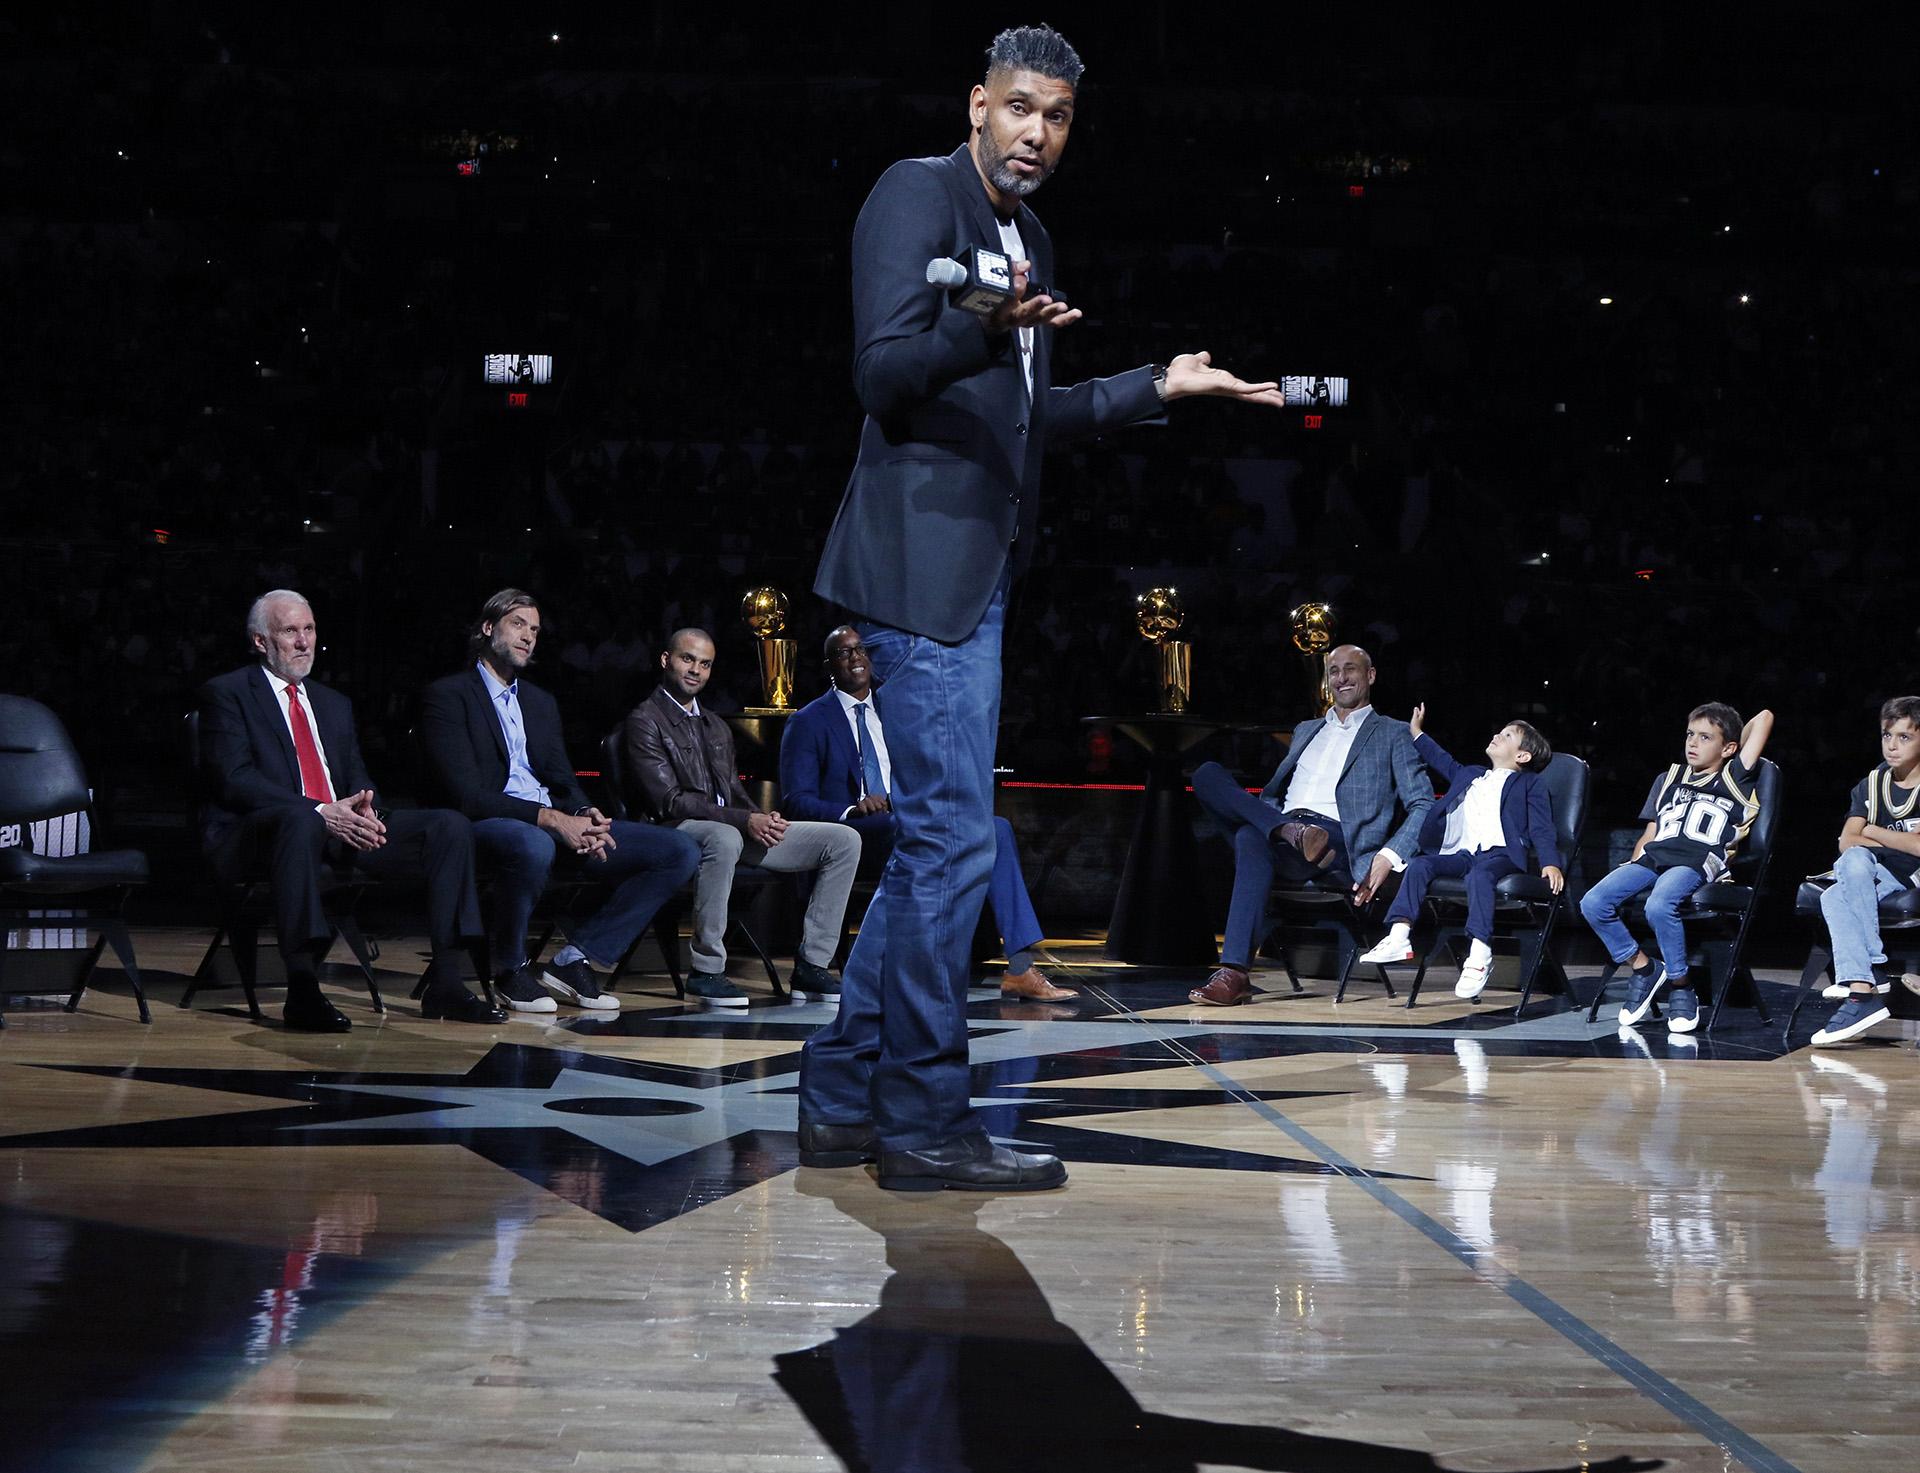 Tim Duncan habla sobre Manu Ginobili en su fiesta homenaje en el AT&T Center en San Antonio